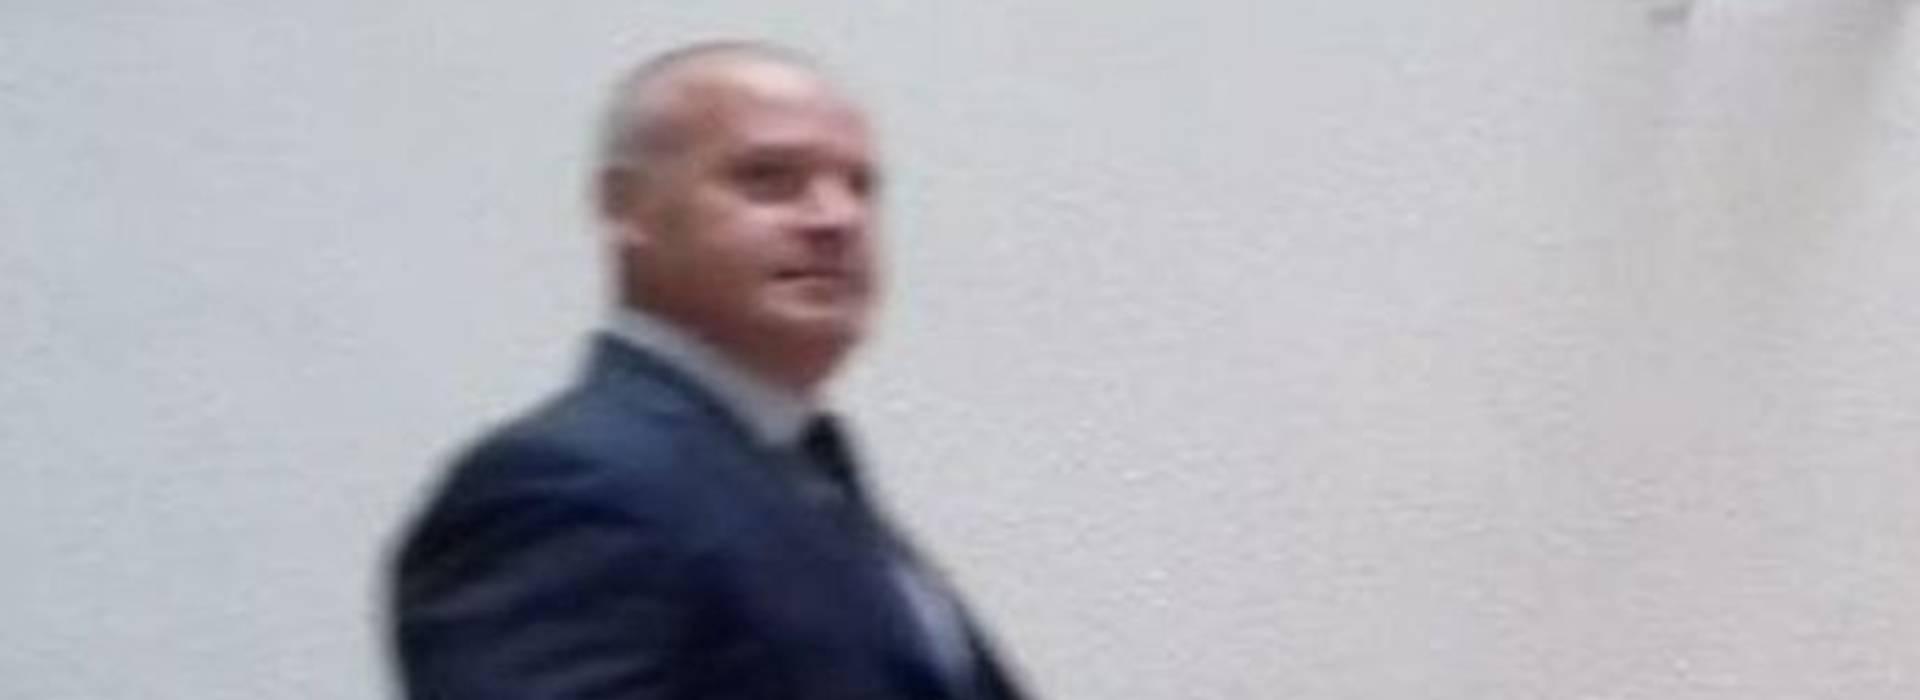 Corruzione: la DDA arresta un colonnello dei carabinieri. Nella rete finanzieri e dipendenti pubblici